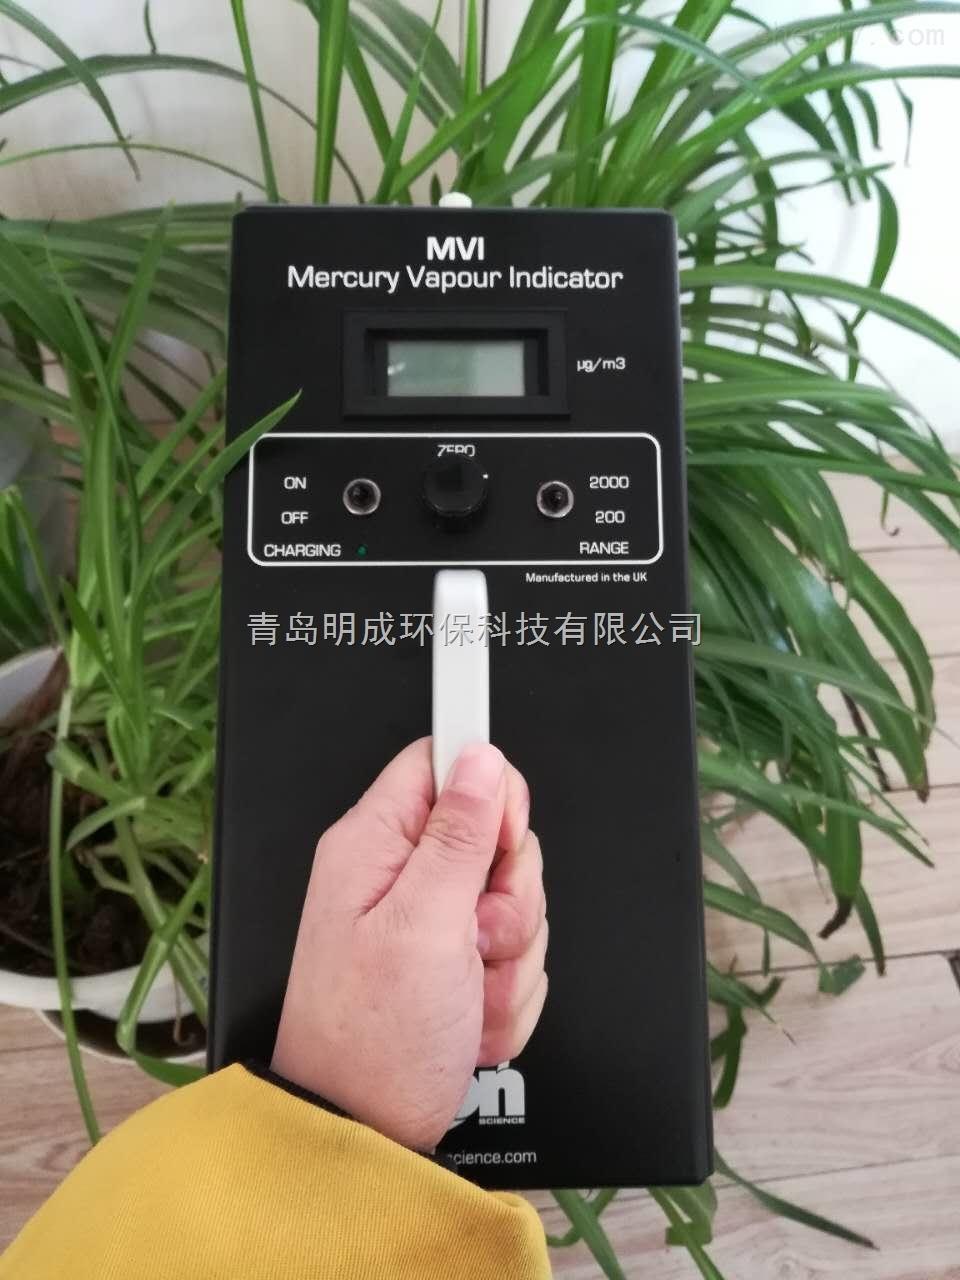 手持式MVI-DL便携式数据型汞蒸汽检测仪